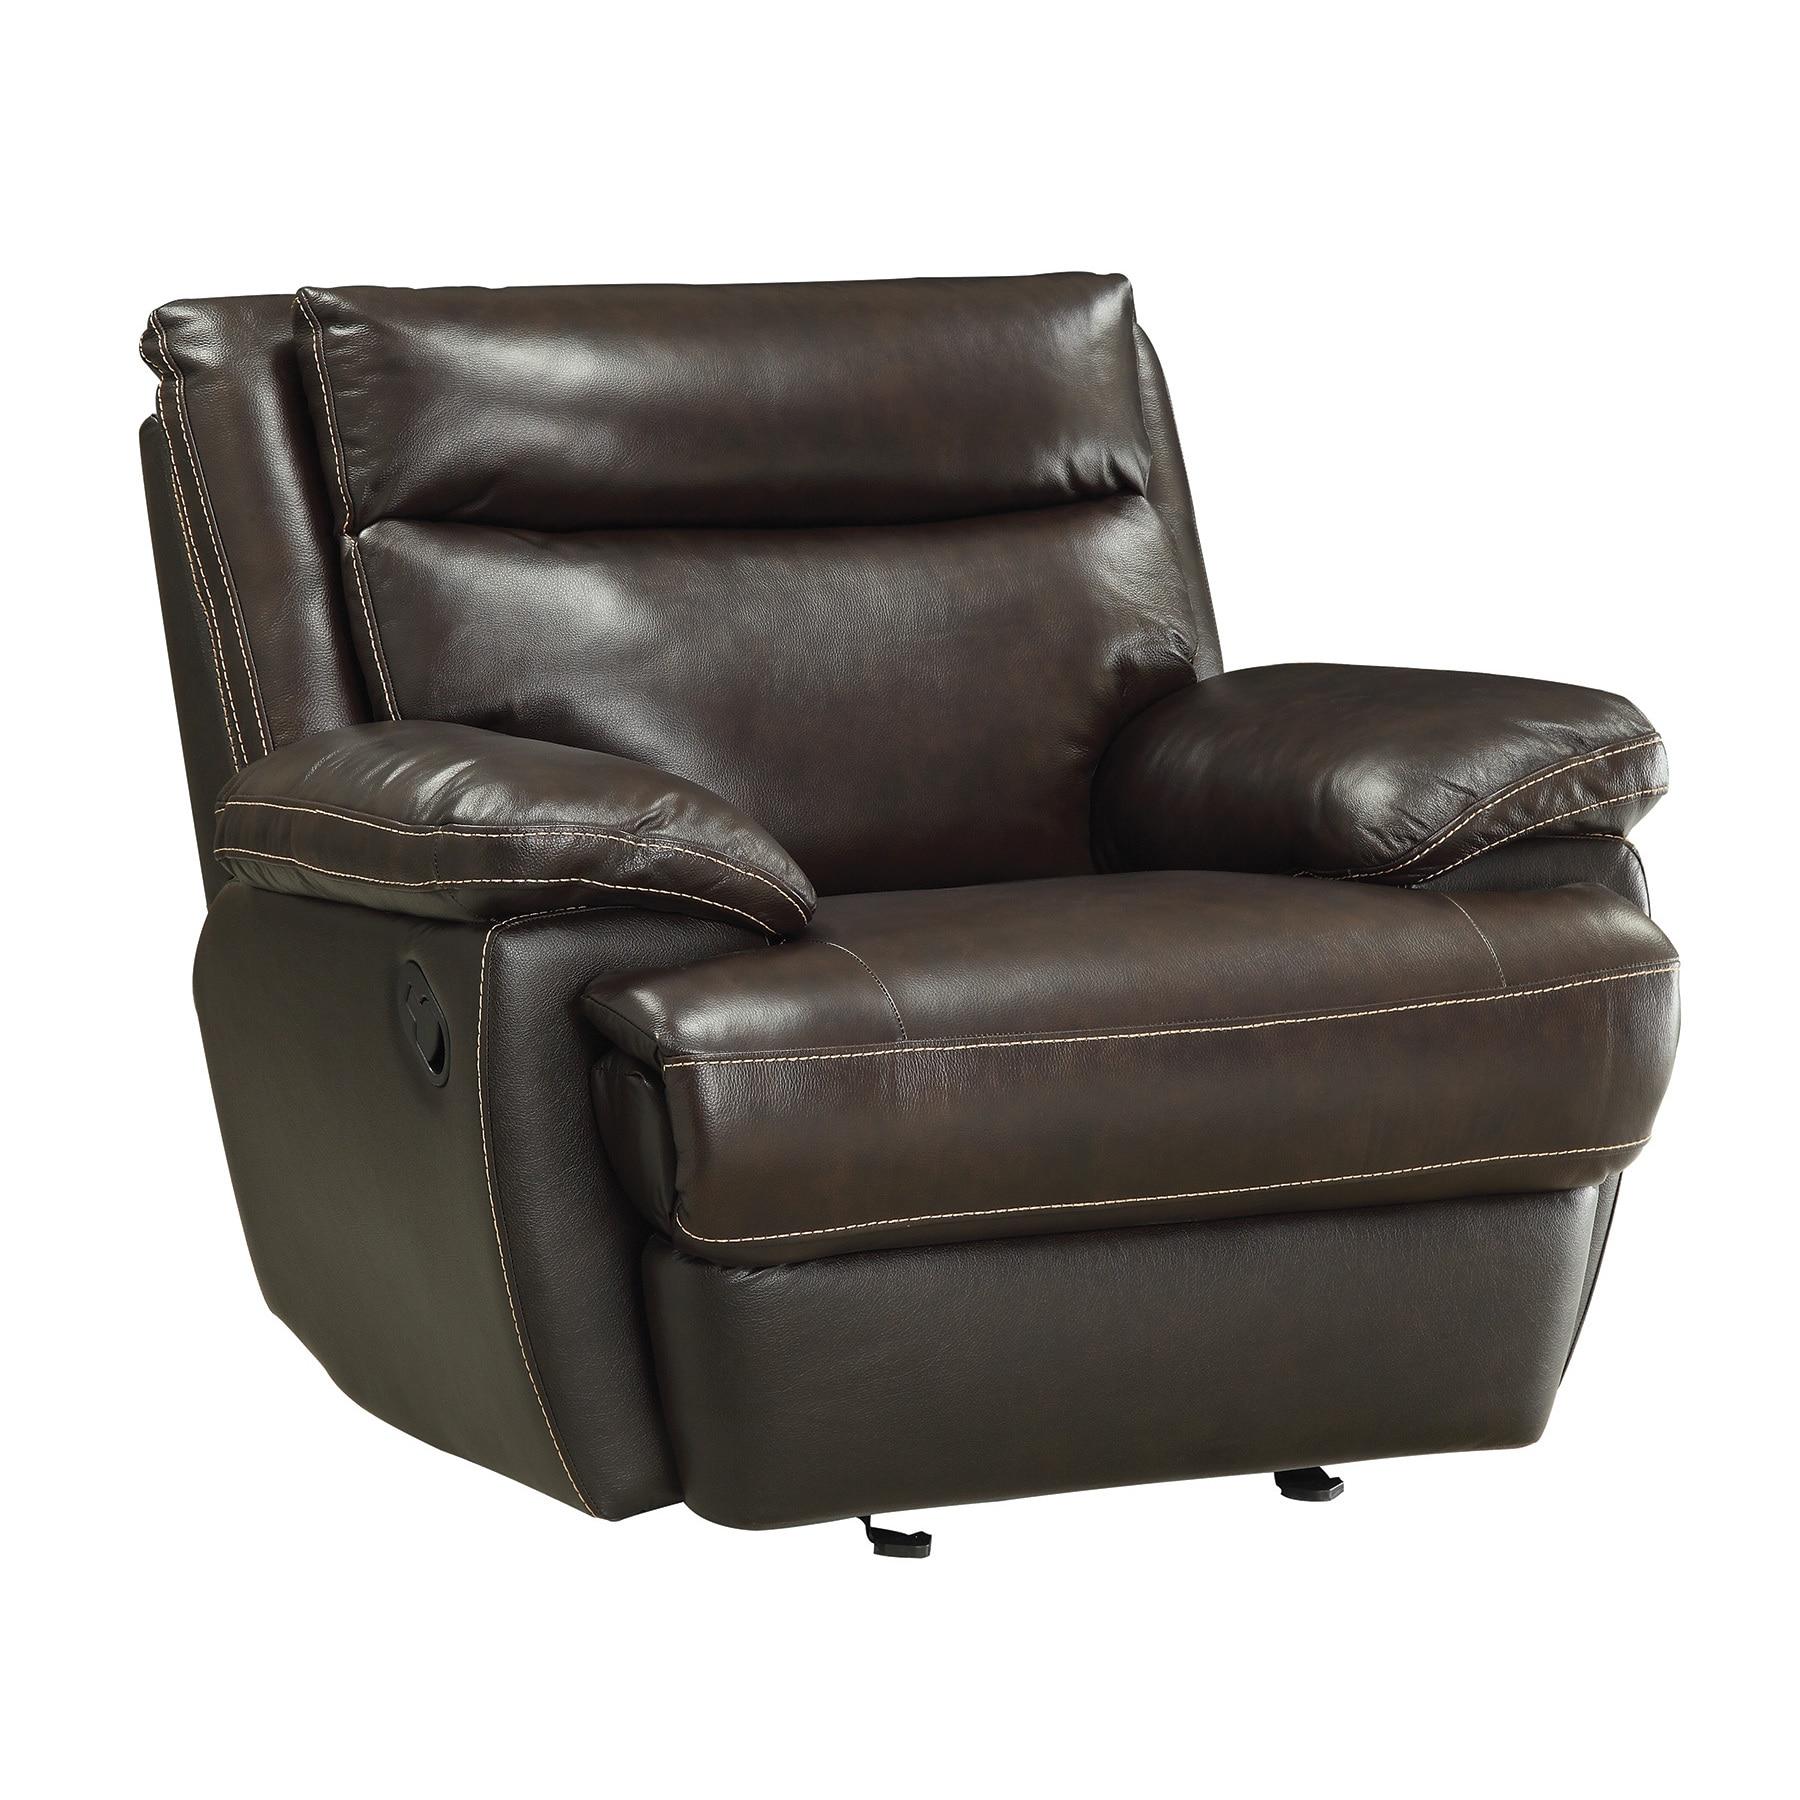 Coaster Furniture Cocoa Bean Leather Glider Recliner (Bro...